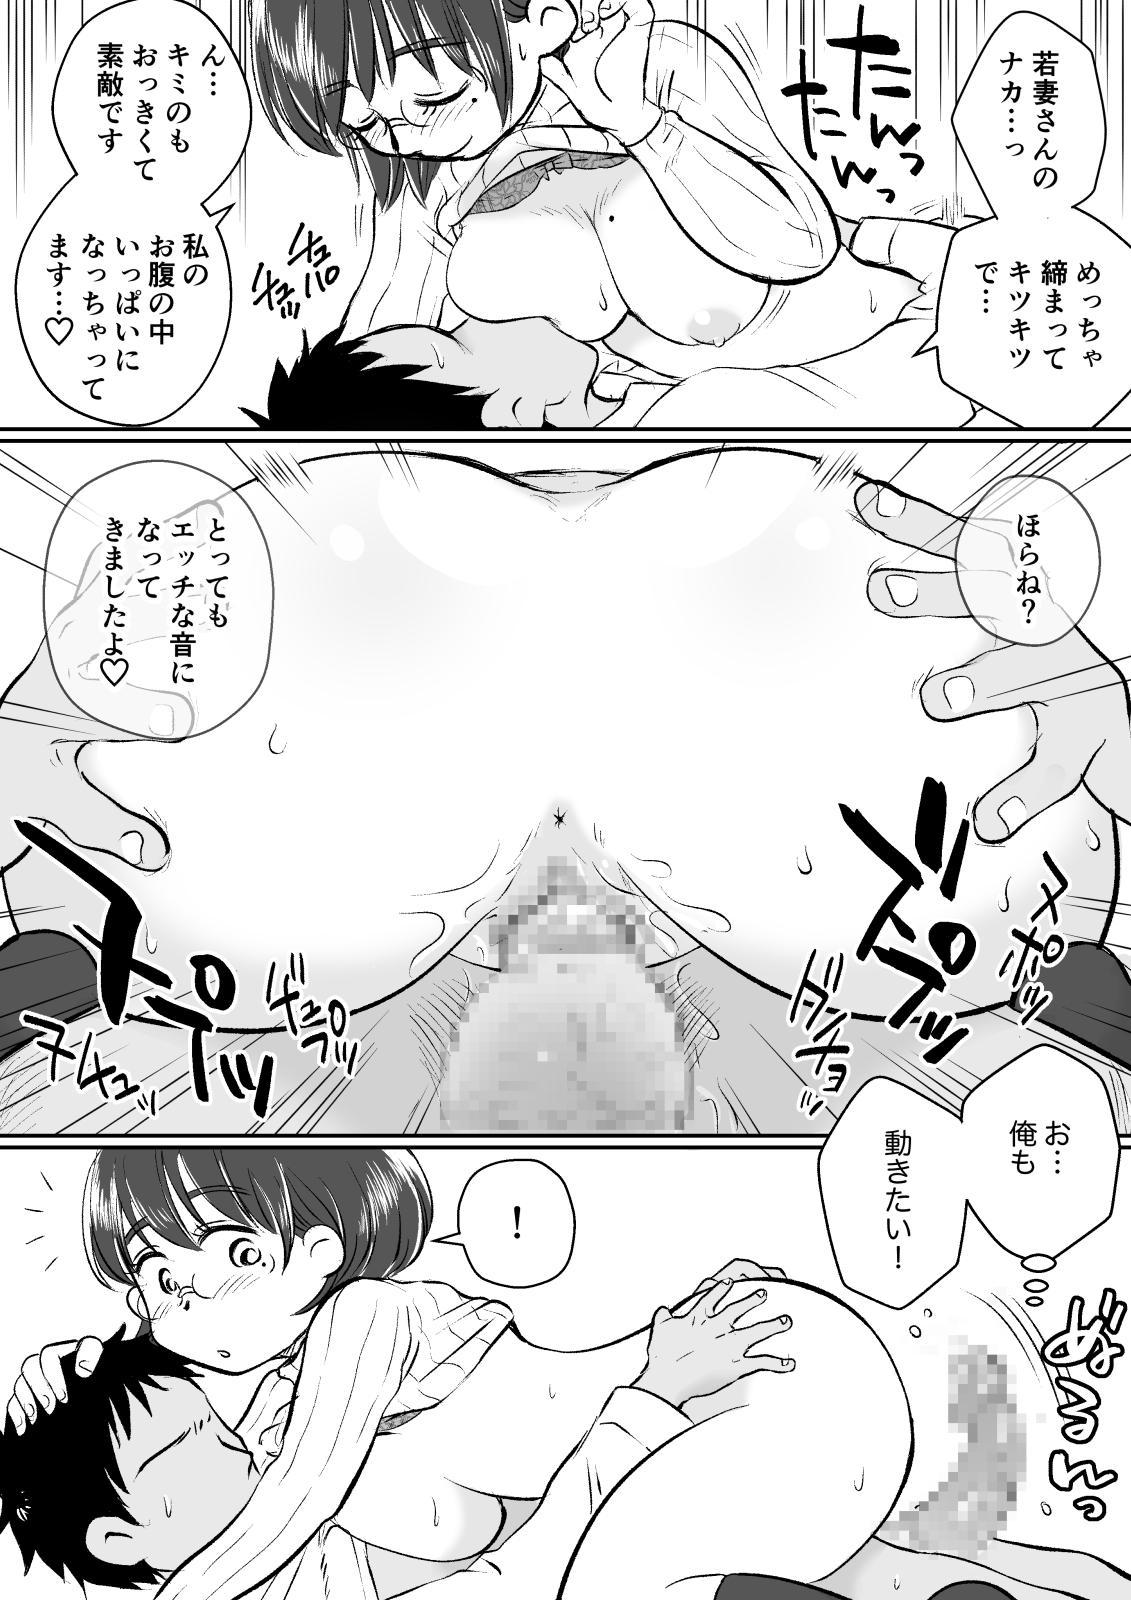 [Megitsune Works] Wakazuma-san wa Yokkyuu Fuman! Akogare no Shisho no Wakazuma-san ga Gakusei Beit no Boku no Fudeoroshi o Shite kuremashita. 48